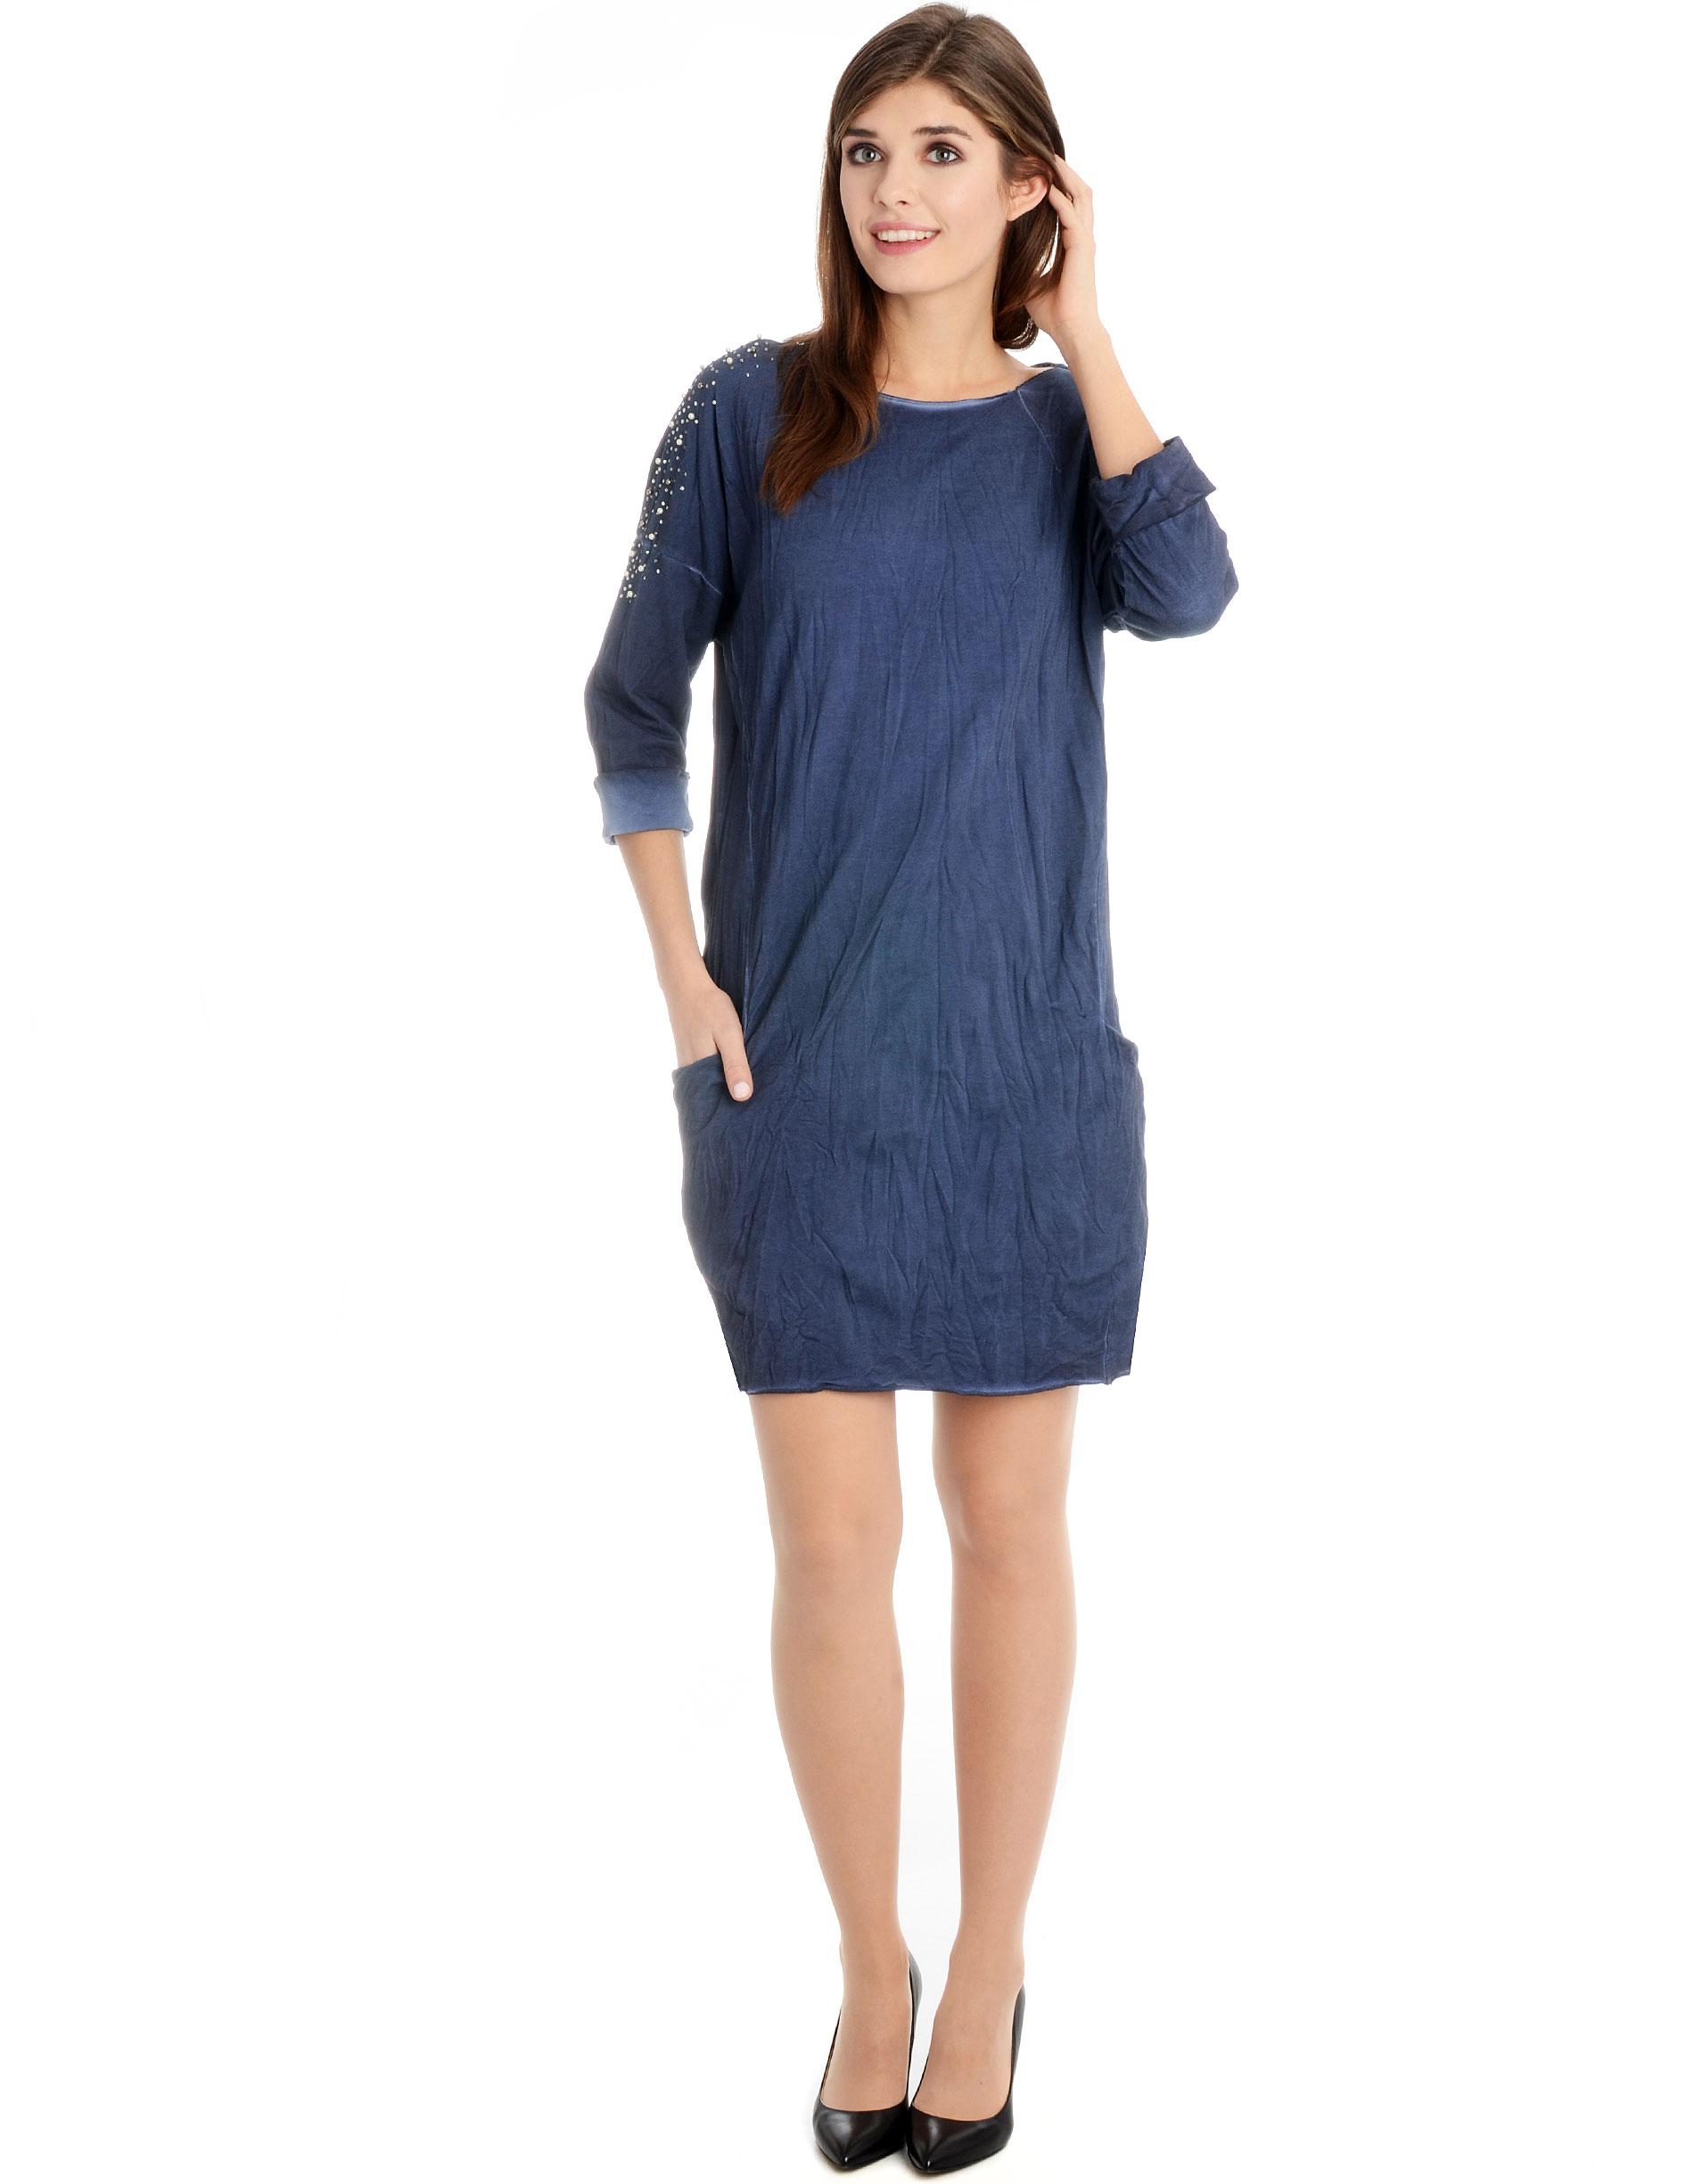 Sukienka - 137-3238 BLSC - Unisono